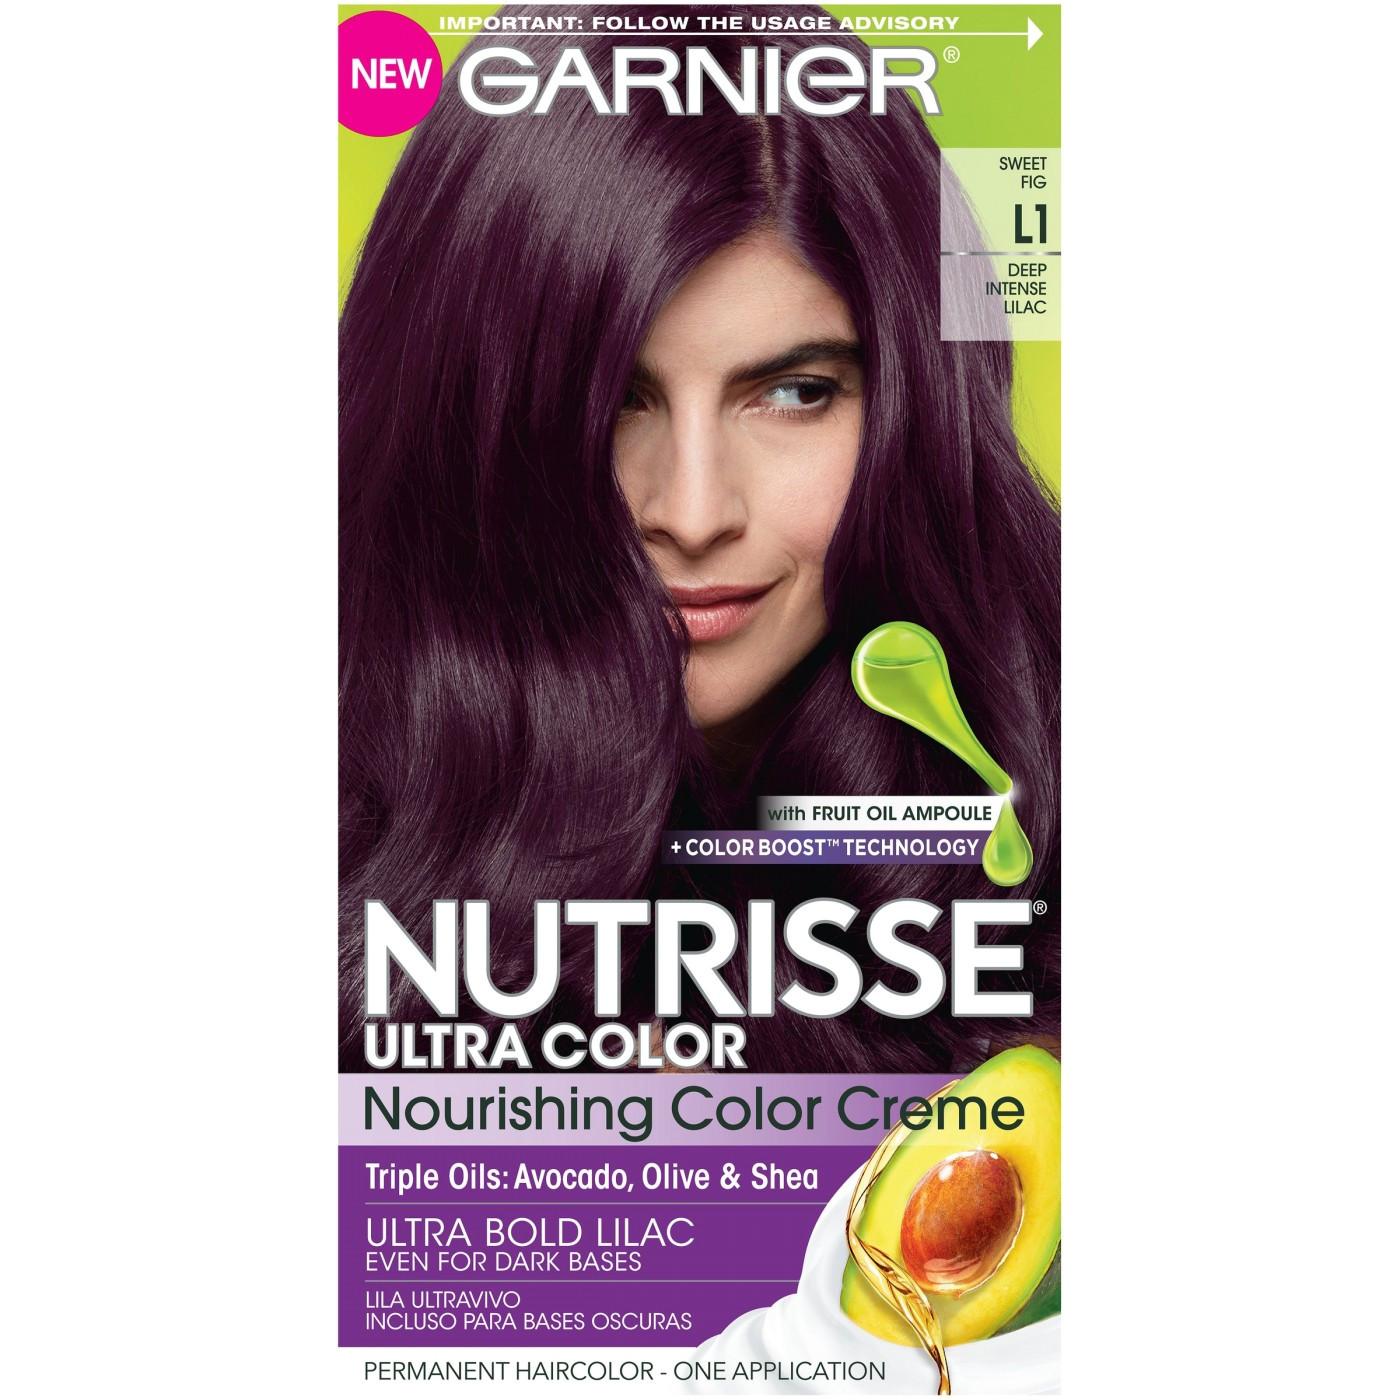 005 Hairstyle Ideas Blue Black Hair Color Dye Unique Amazon Garnier Nutrisse Ultra Nourishing That